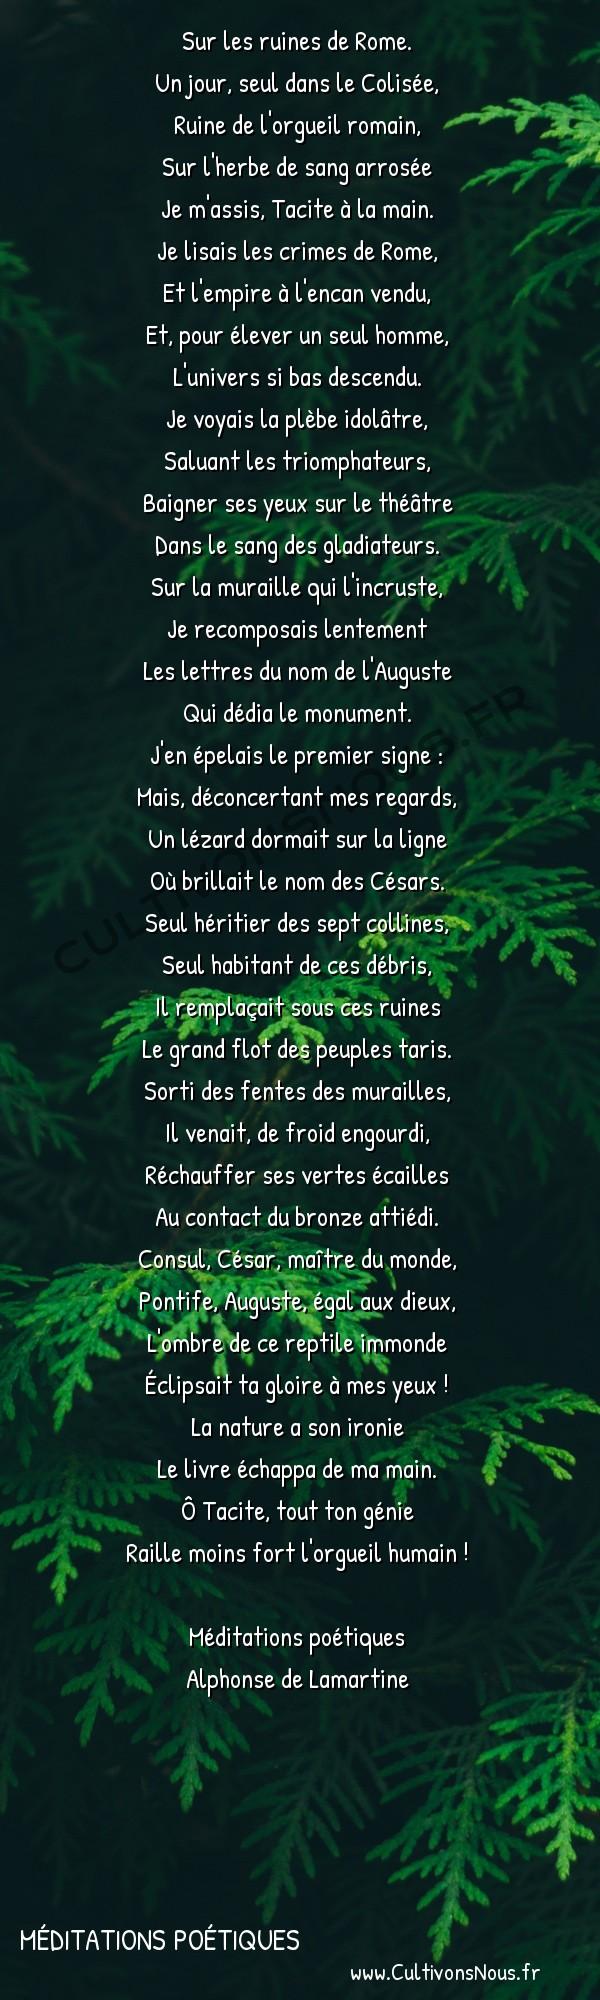 Poésie Alphonse de Lamartine - Méditations poétiques - Le lézard -  Sur les ruines de Rome. Un jour, seul dans le Colisée,